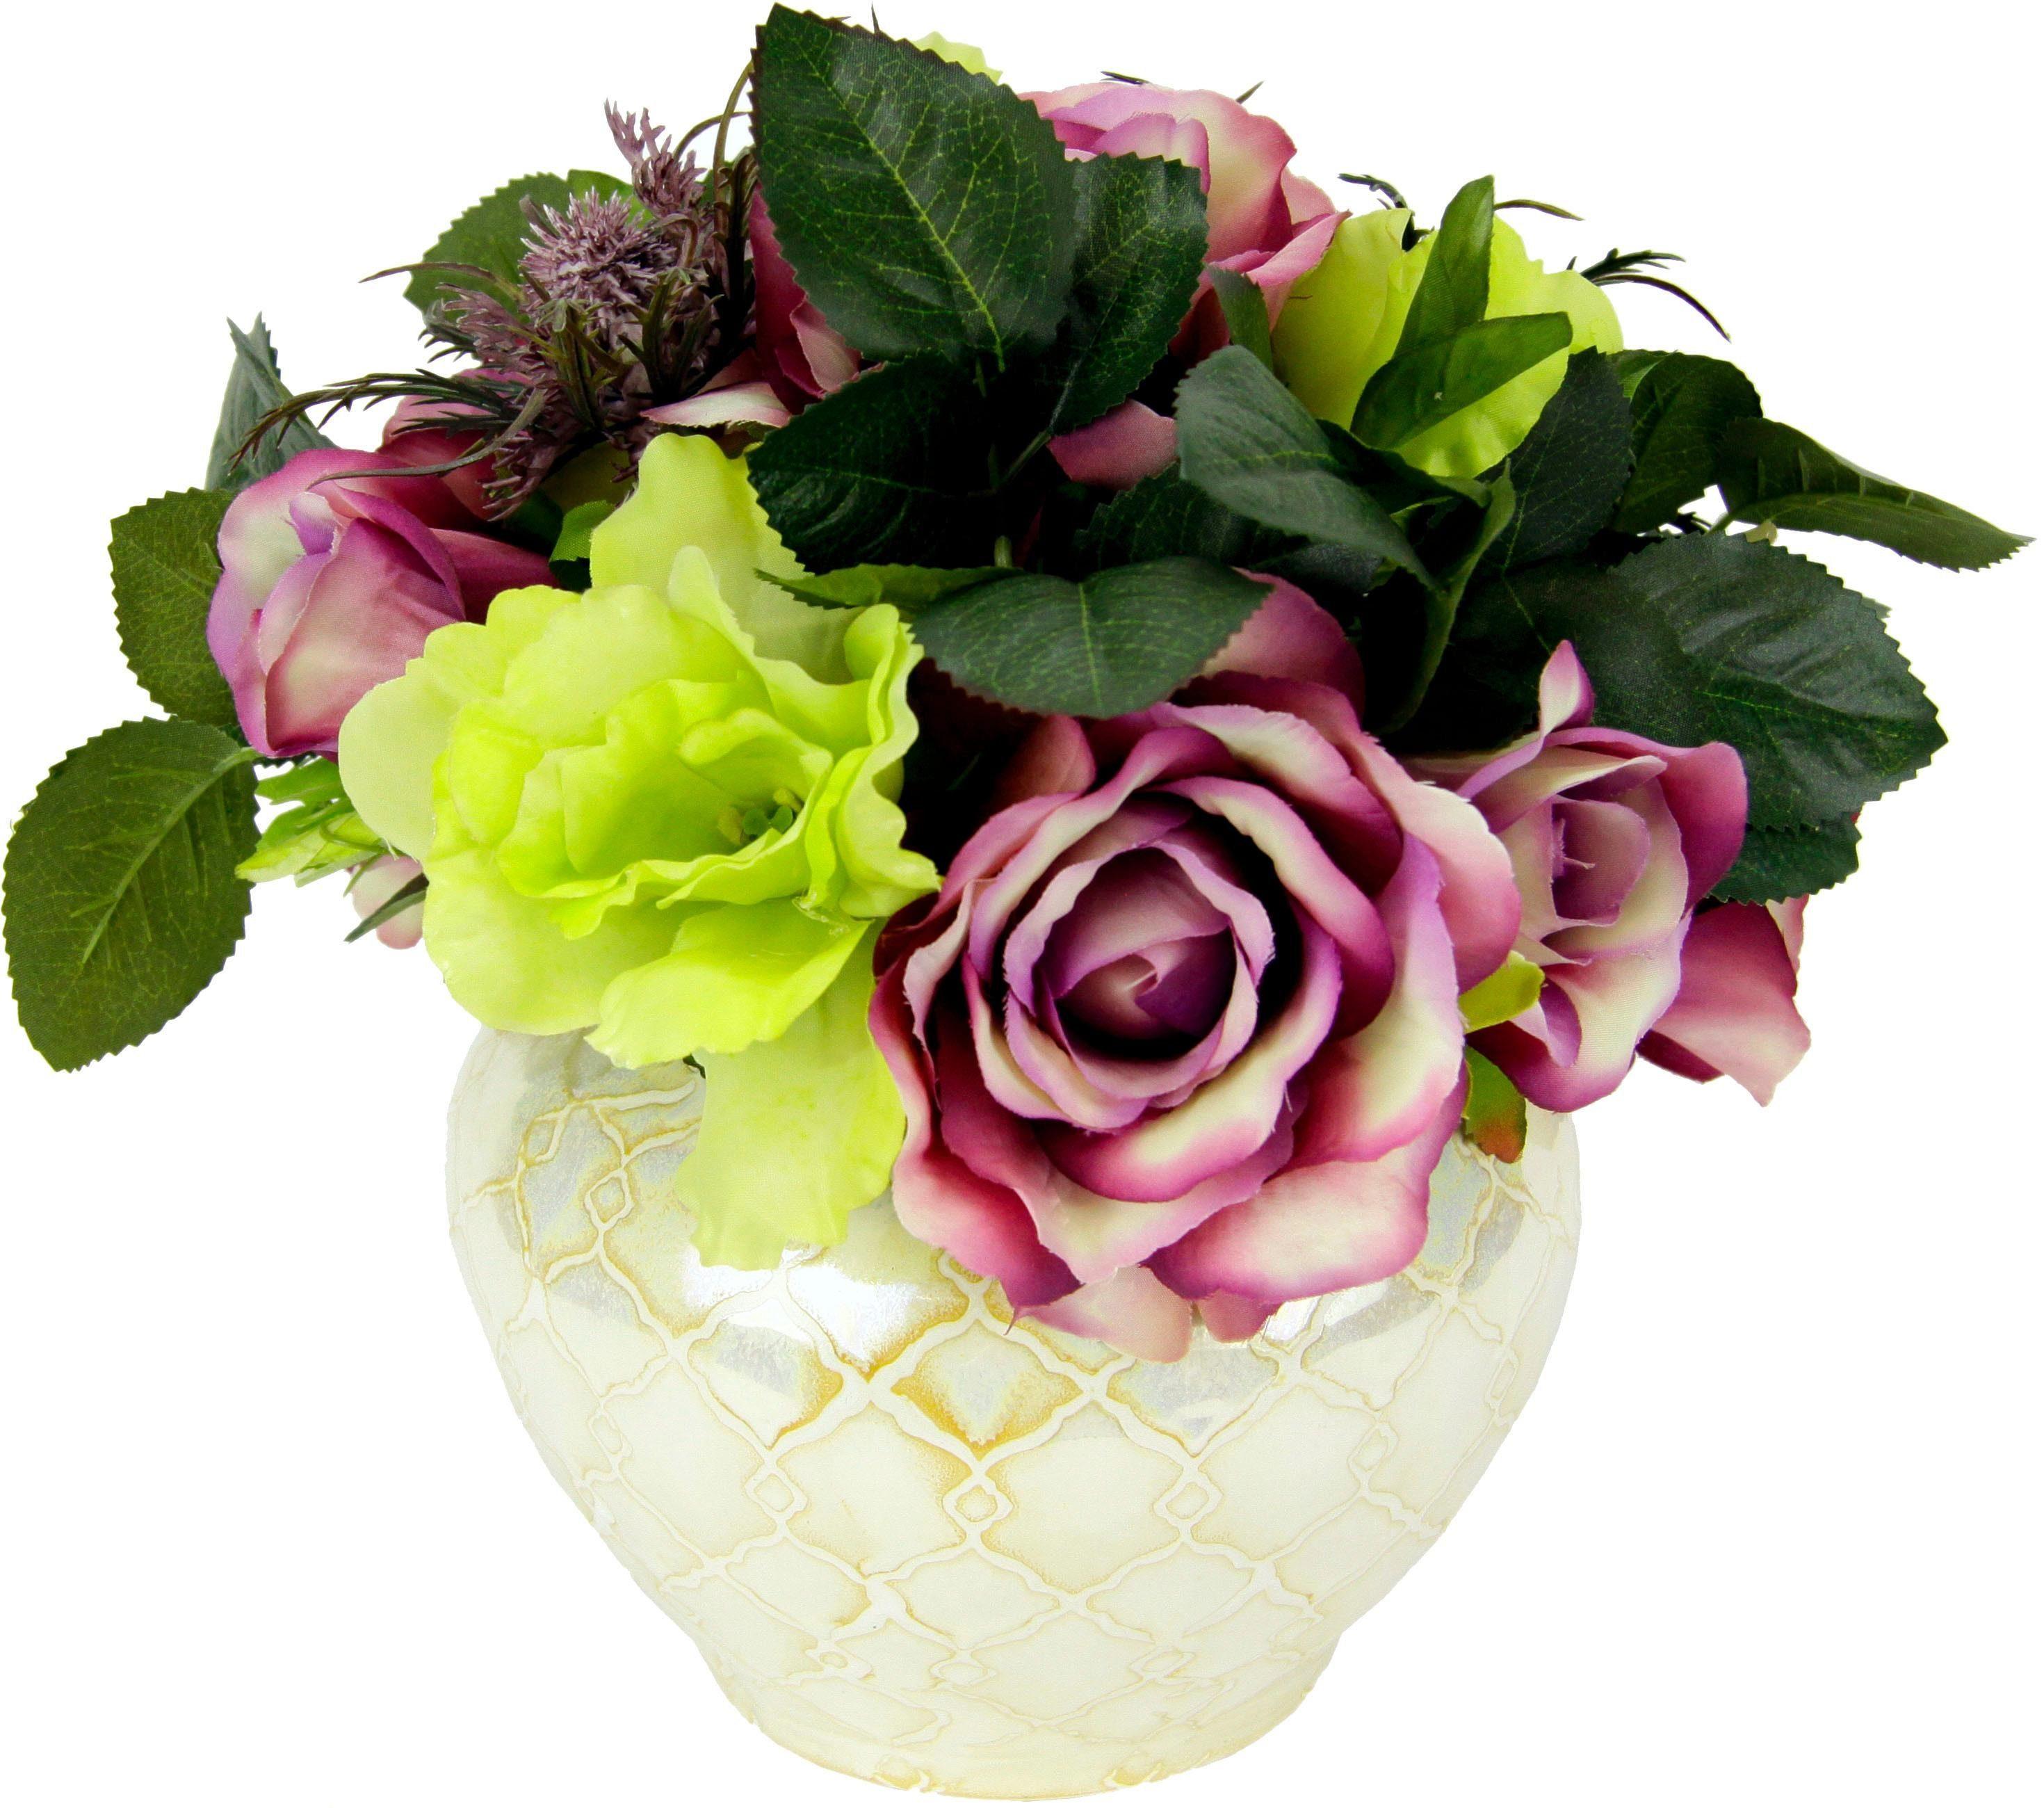 Kunstblume Rosen/Lysianth.in Vase, Höhe 25 cm,